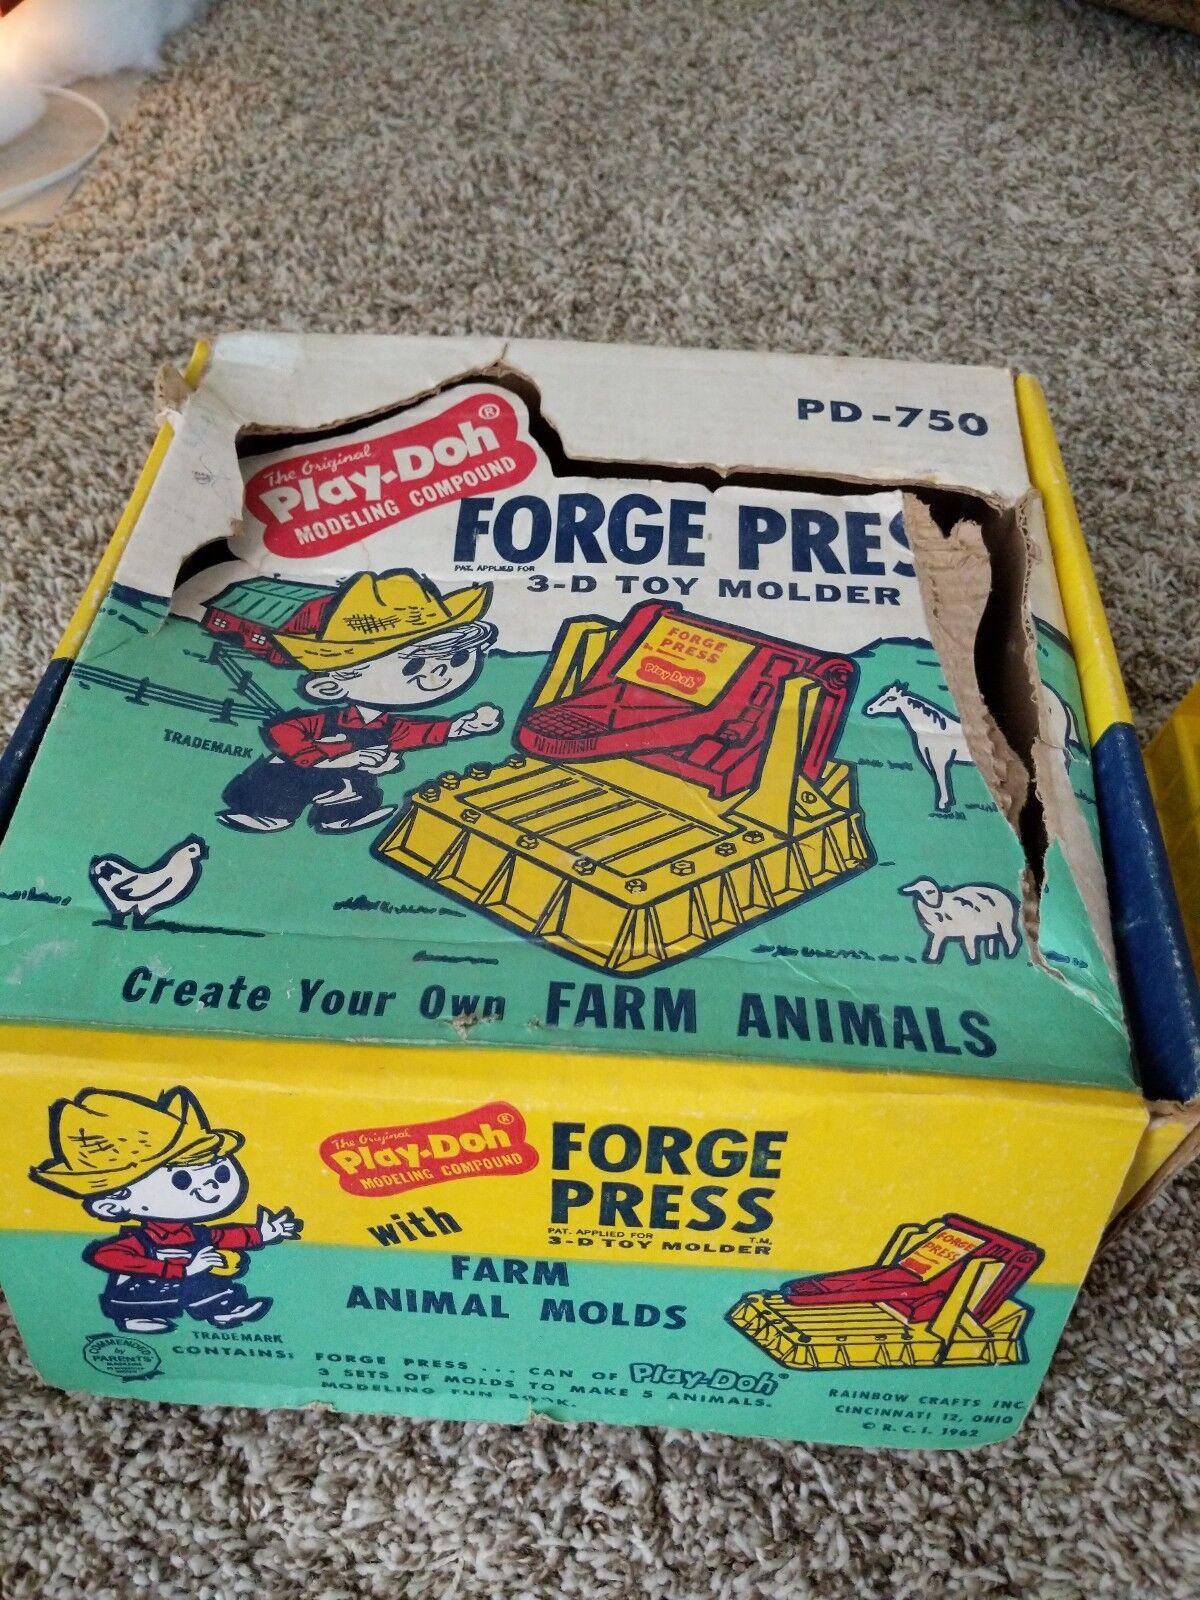 promocionales de incentivo Vintage 1962 Jugar-doh Forge prensa con Animales de Granja Moldes Moldes Moldes Caja de exhibición de la tienda  barato en línea